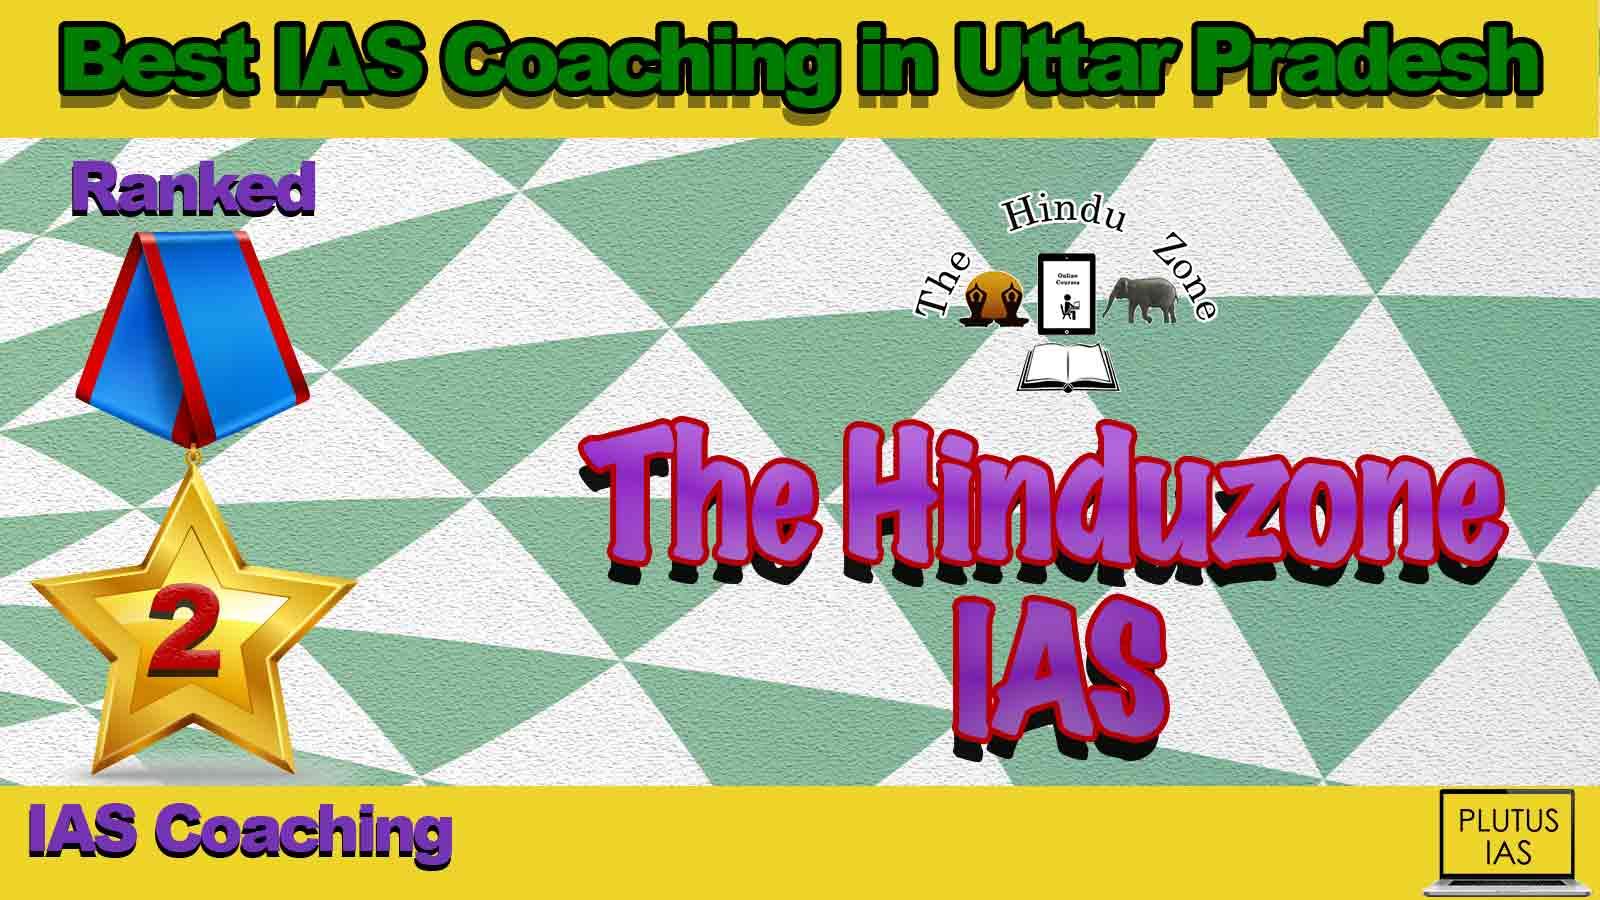 Best IAS Coaching in Uttar Pradesh